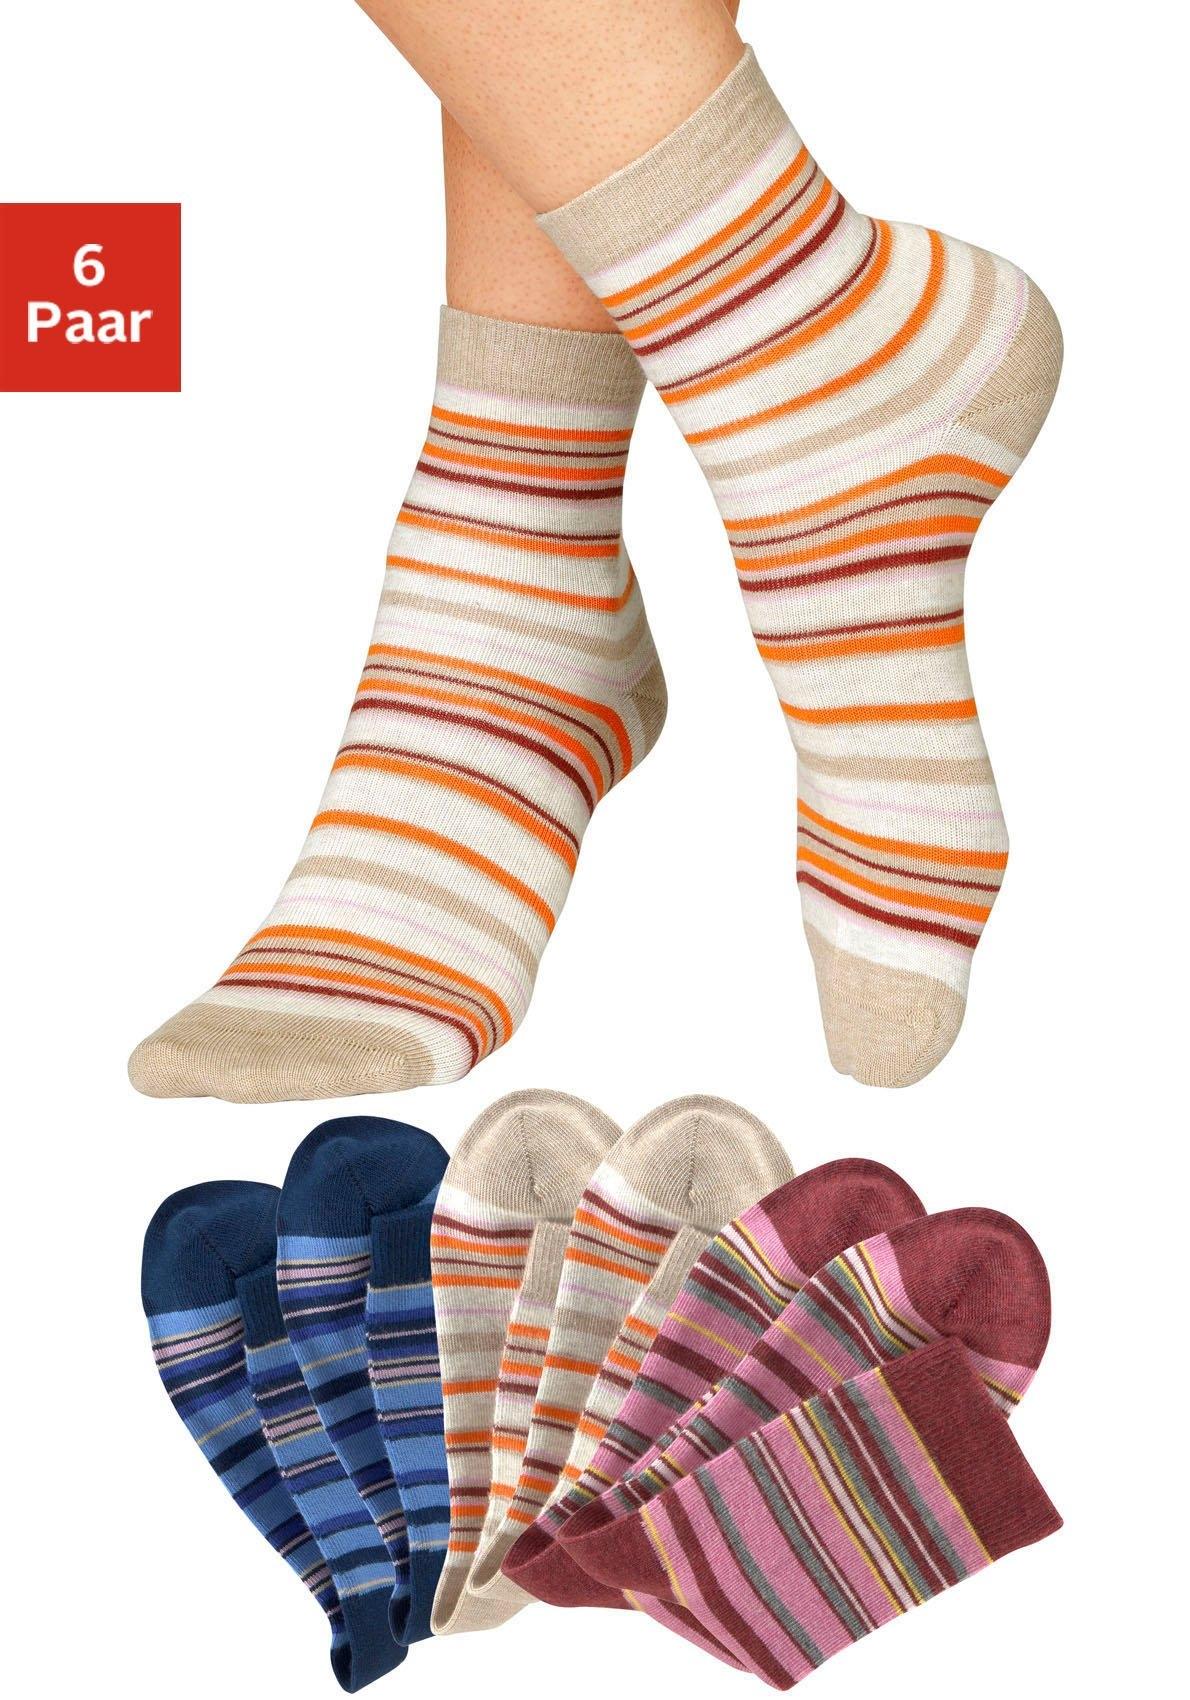 H.I.S Sokken met horizontale strepen (6 paar) - gratis ruilen op lascana.nl